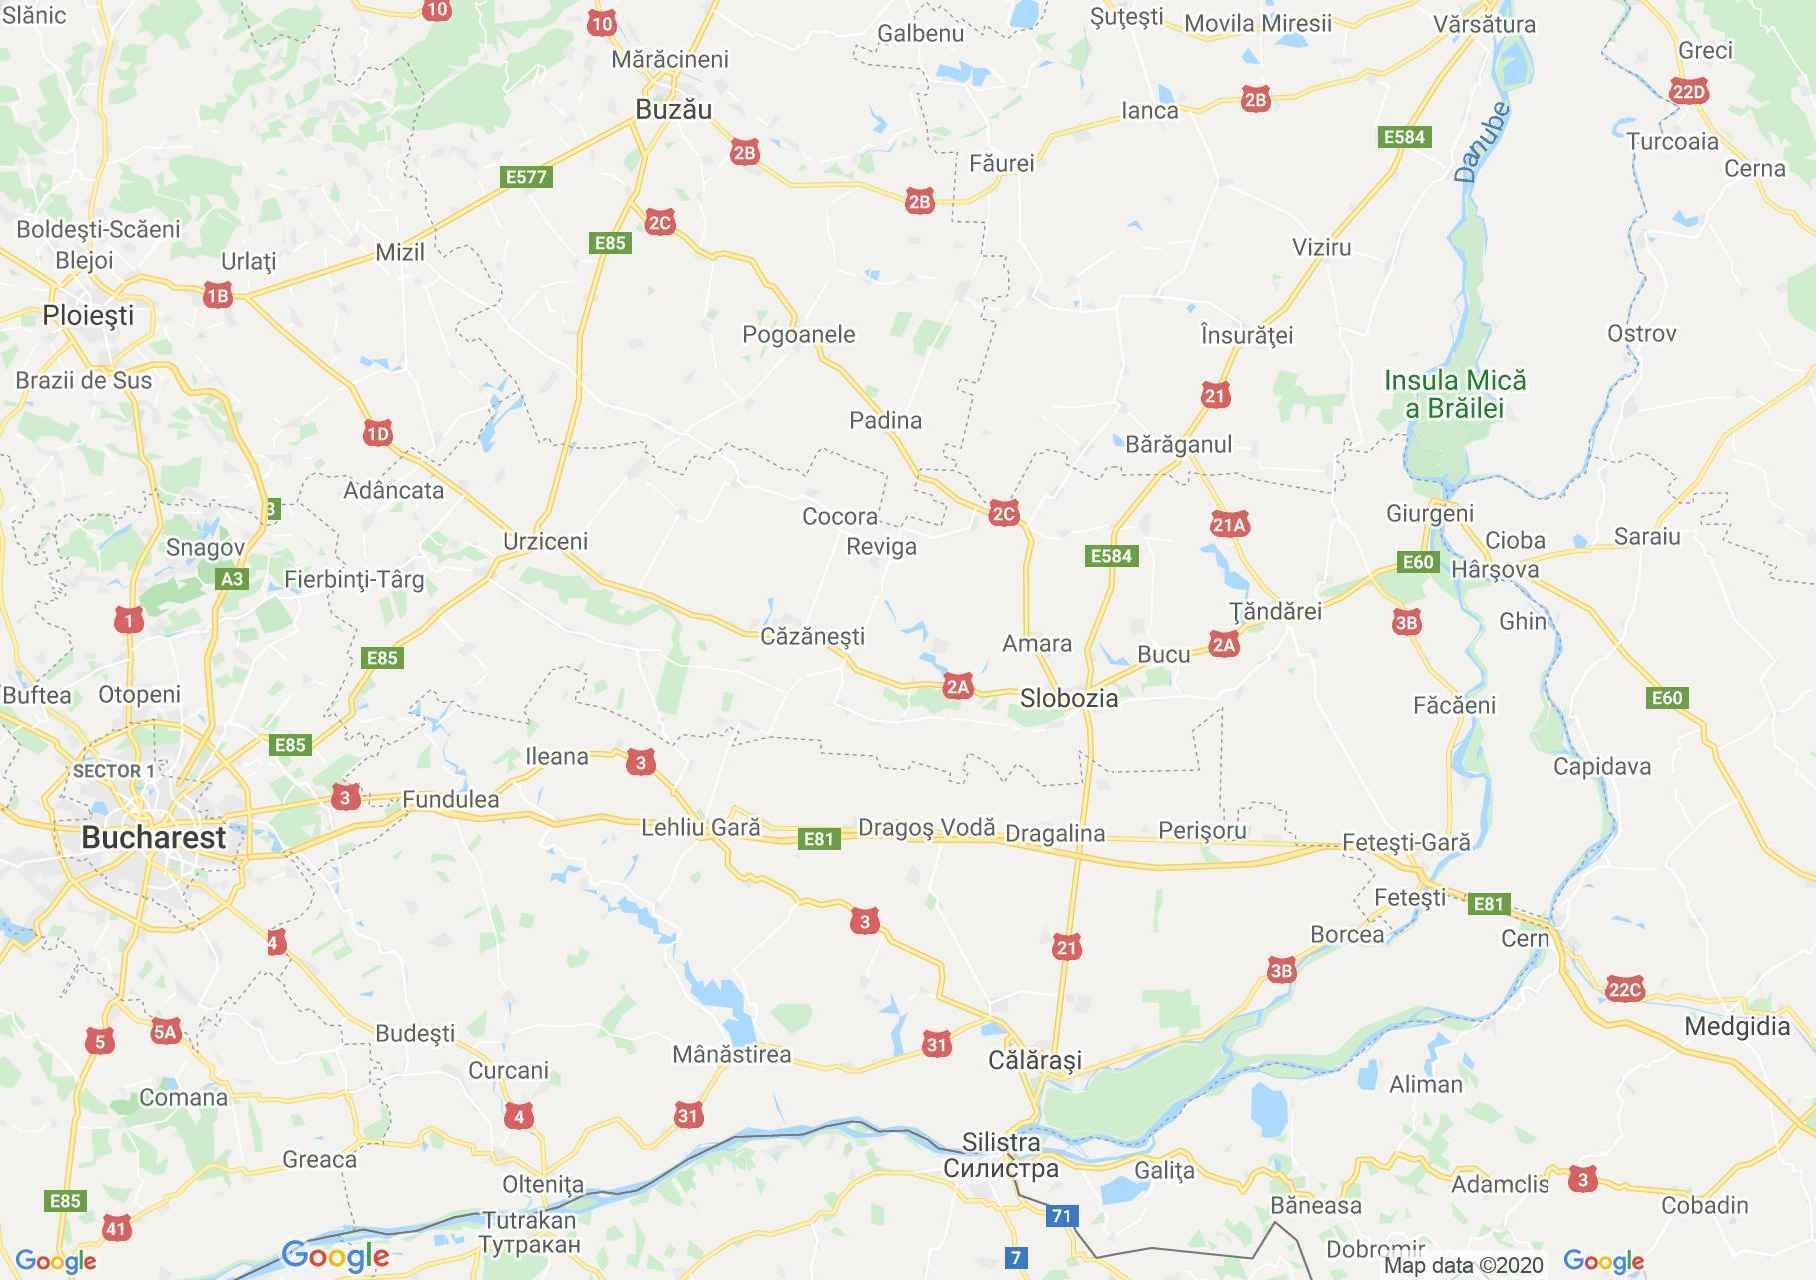 Ialomica megye: (Szlobozia) interaktív turista térképe.